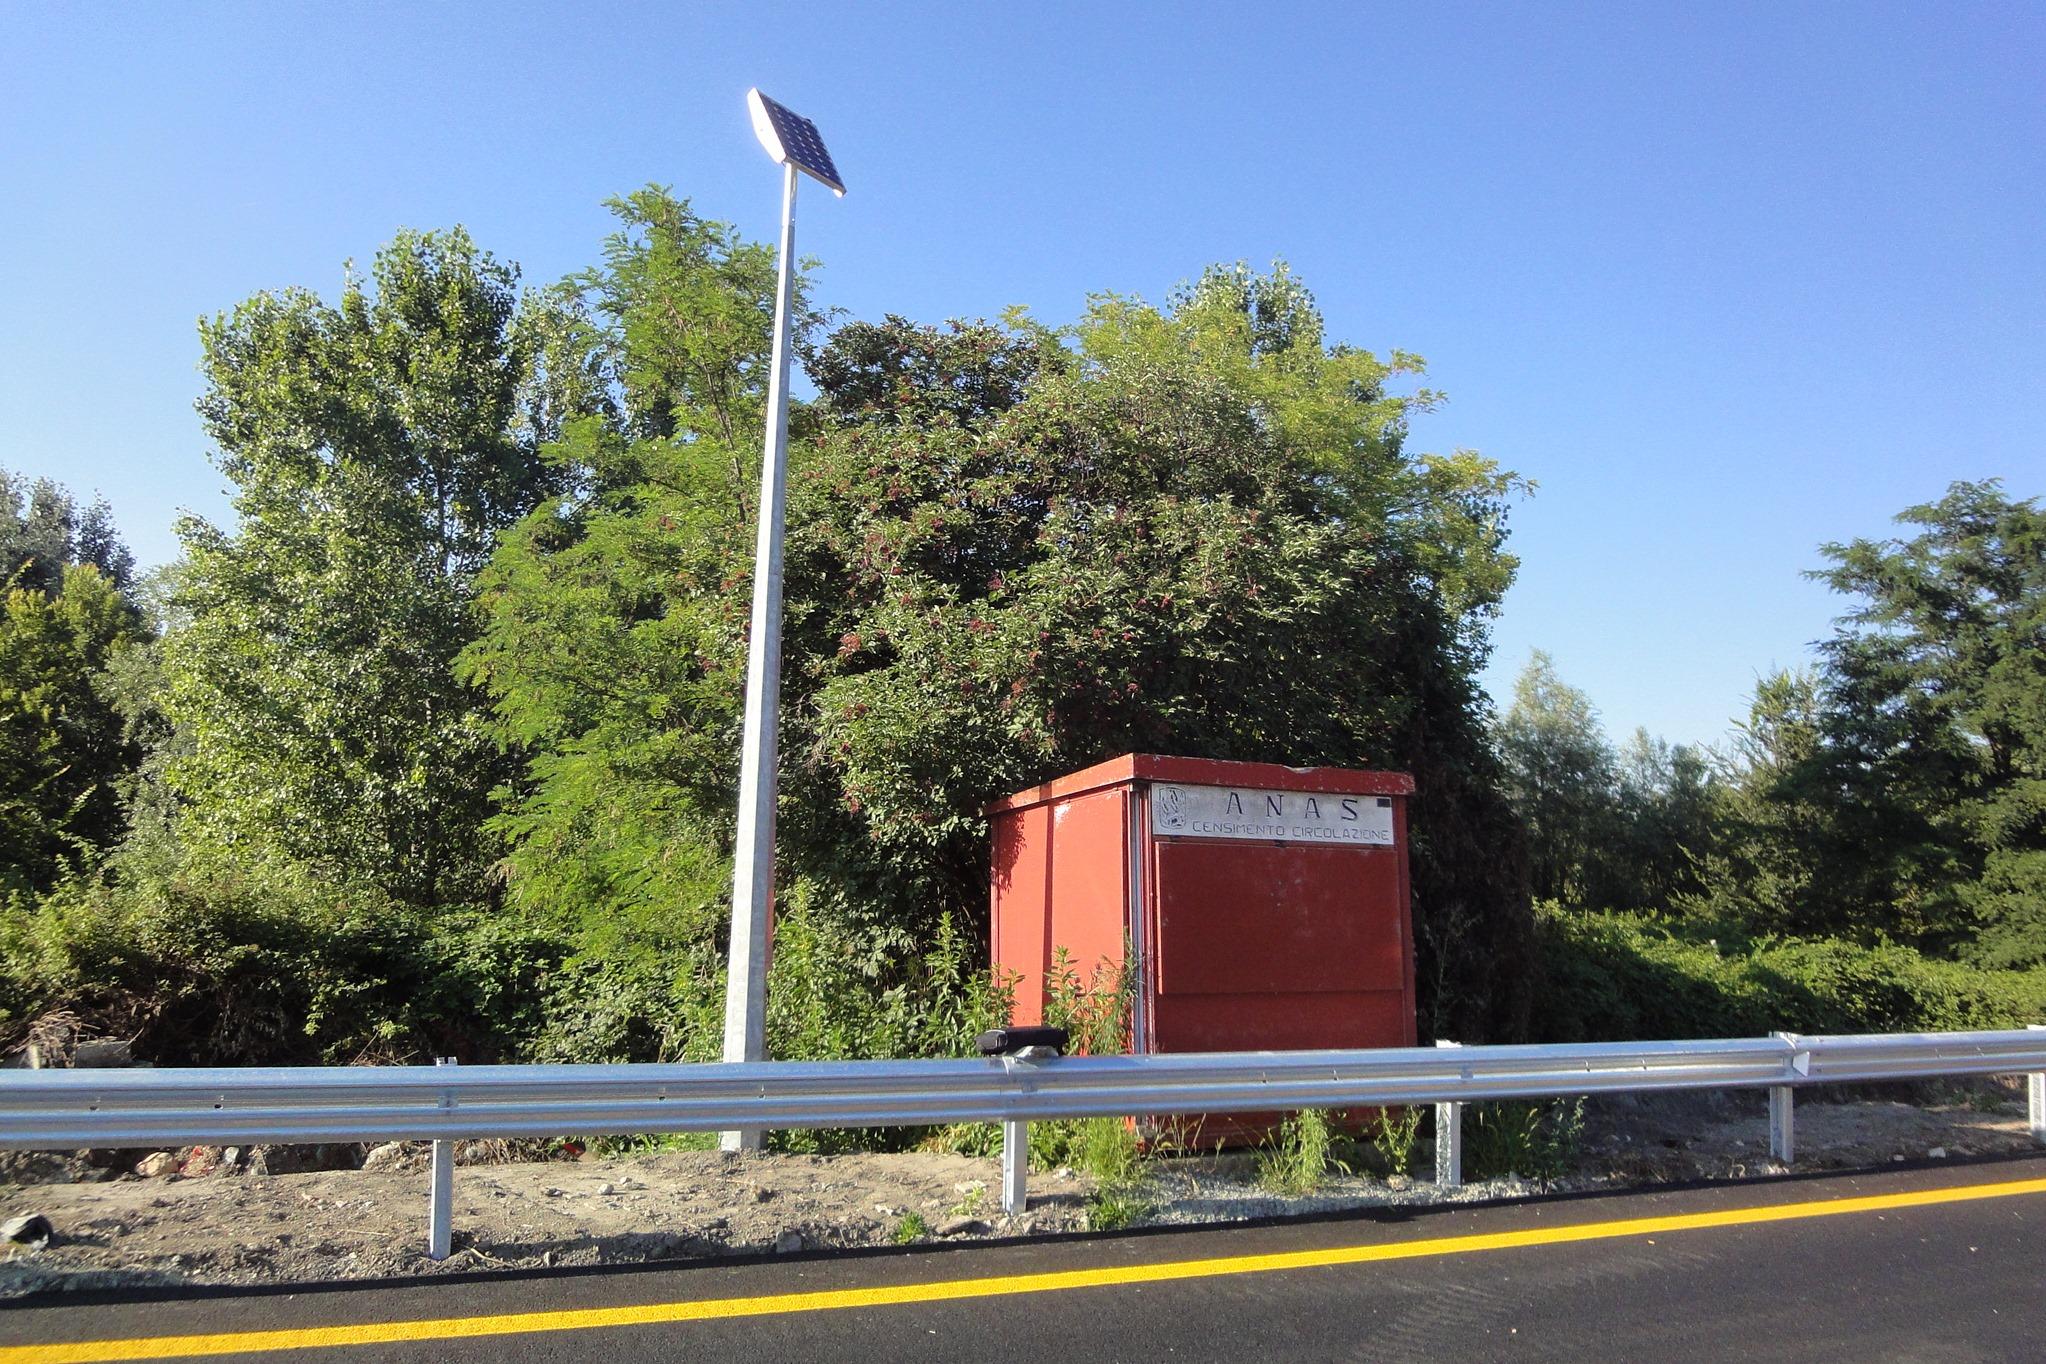 Immagine di una stazione di monitoraggio del traffico sulla SS25 del Moncenisio